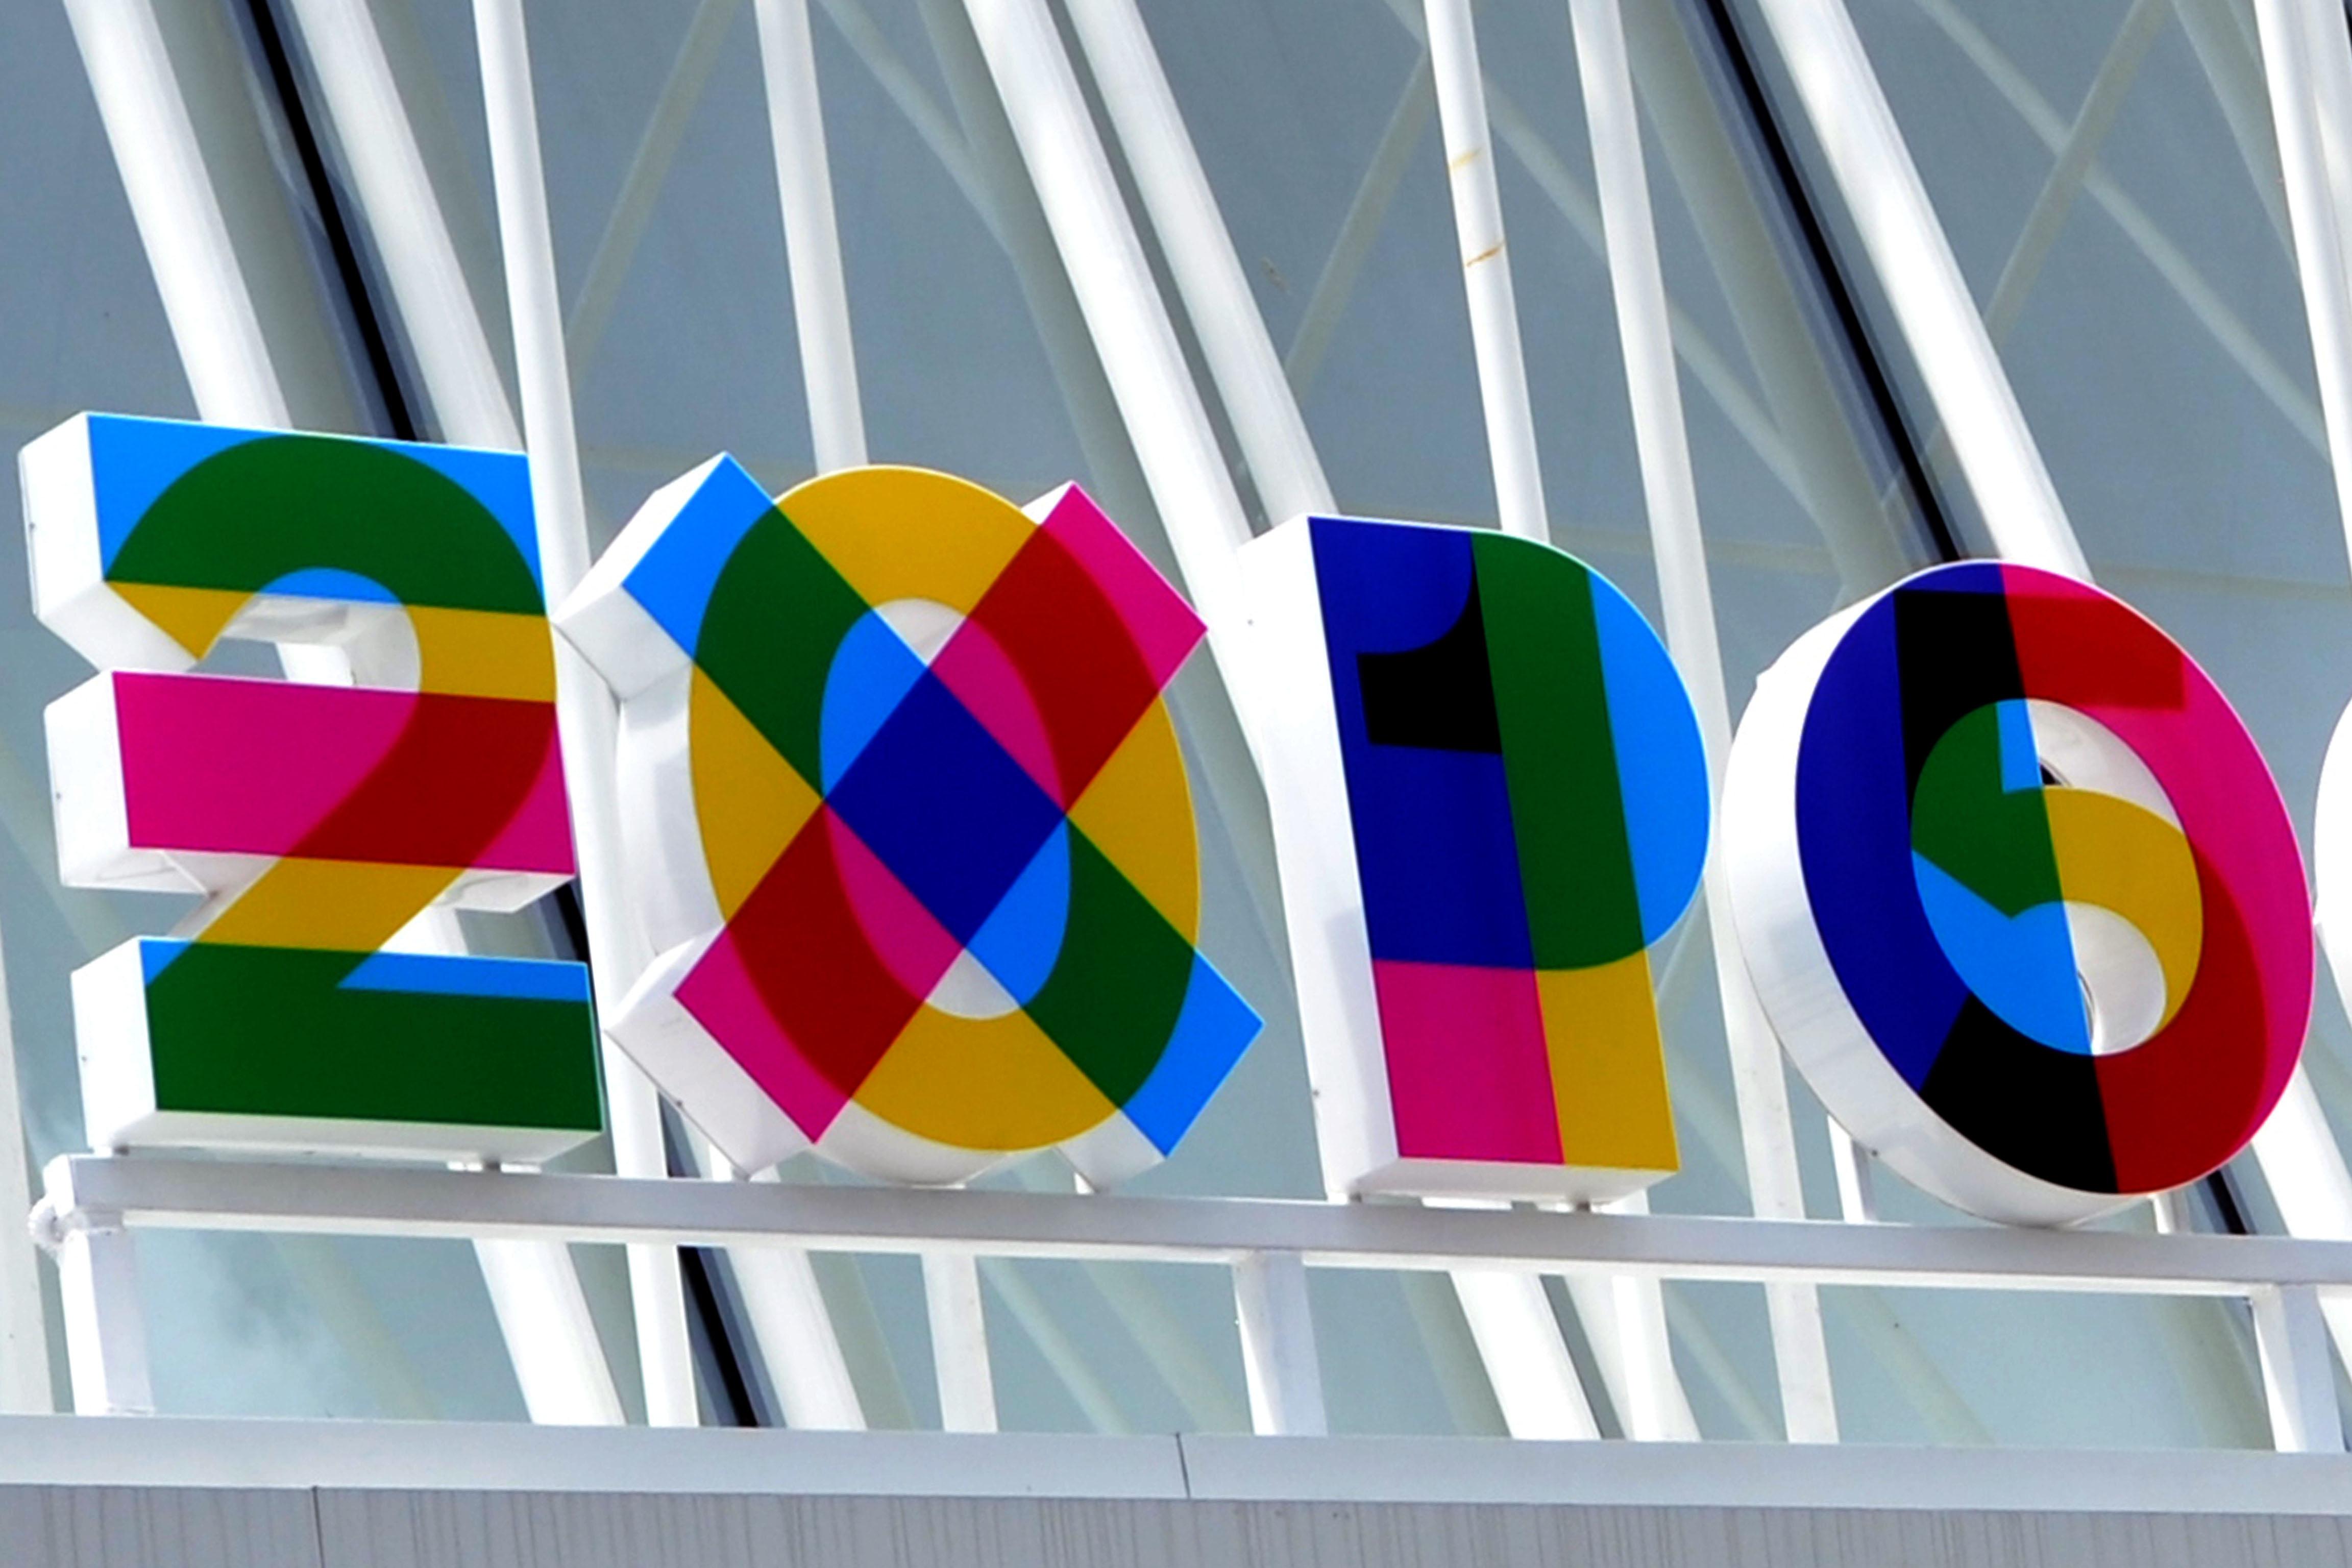 Expo si inaugura all'insegna dell'esclusione, niente dignità per le istituzioni che hanno lavorato per la sua realizzazione